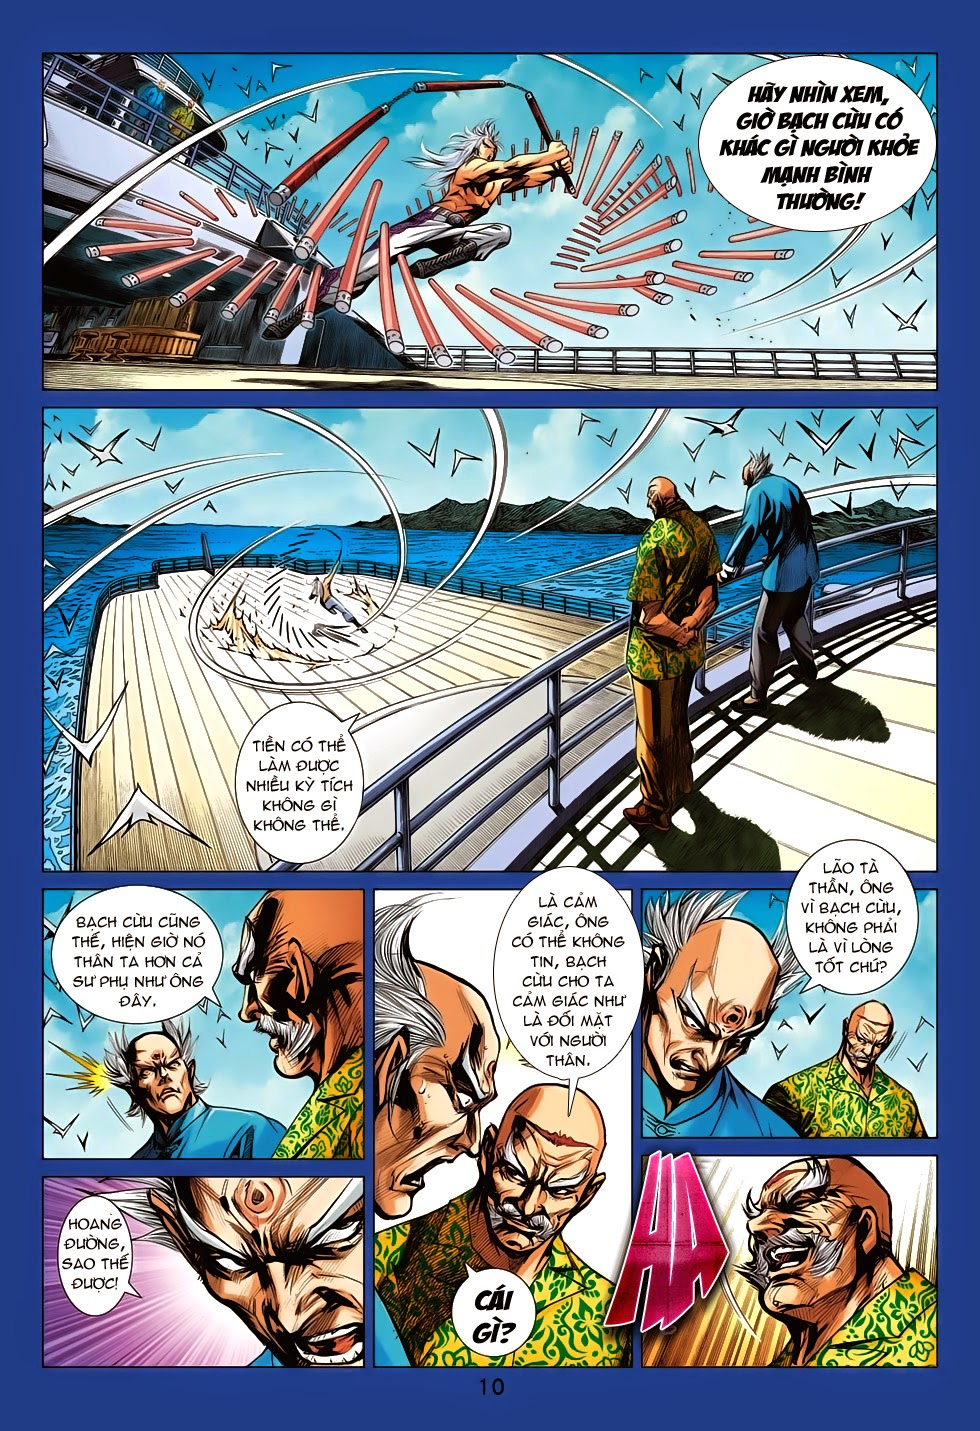 Tân Tác Long Hổ Môn chap 708 - Trang 11